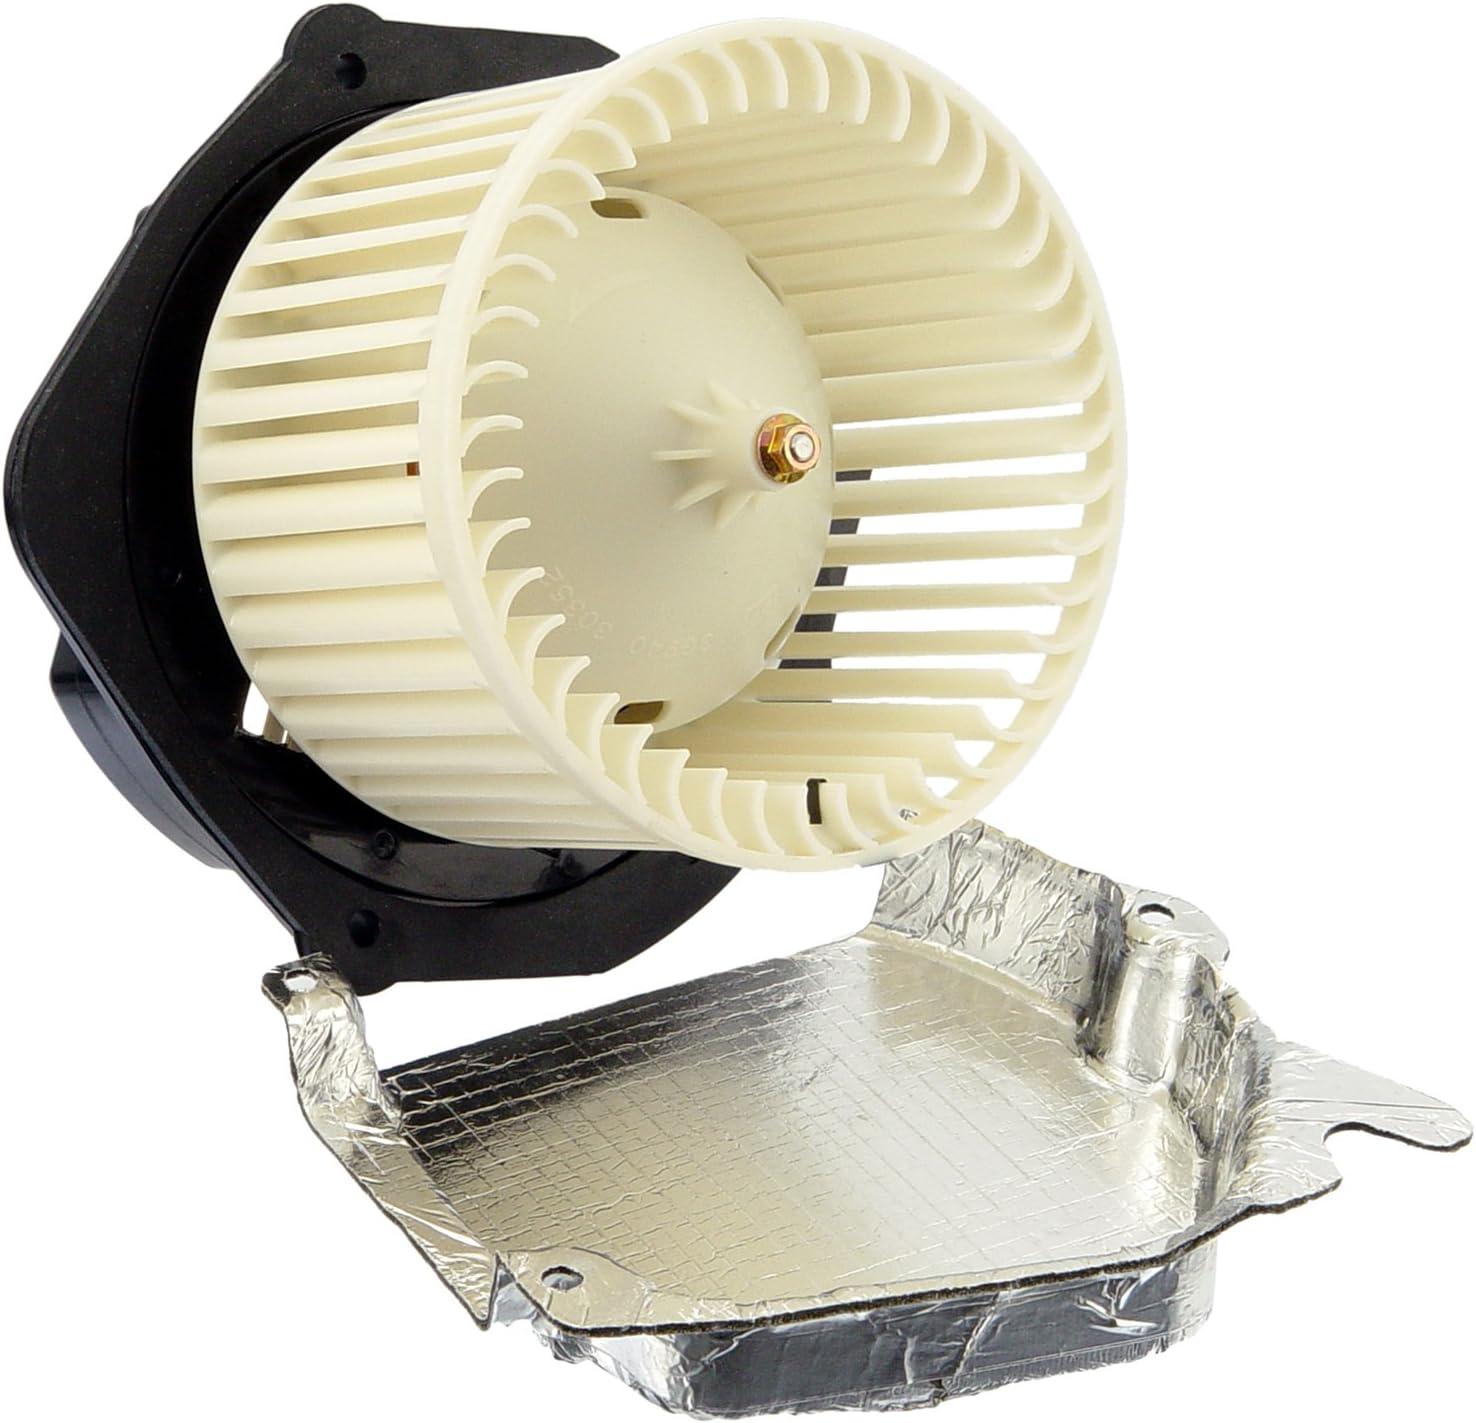 VDO PM6009 Blower Motor